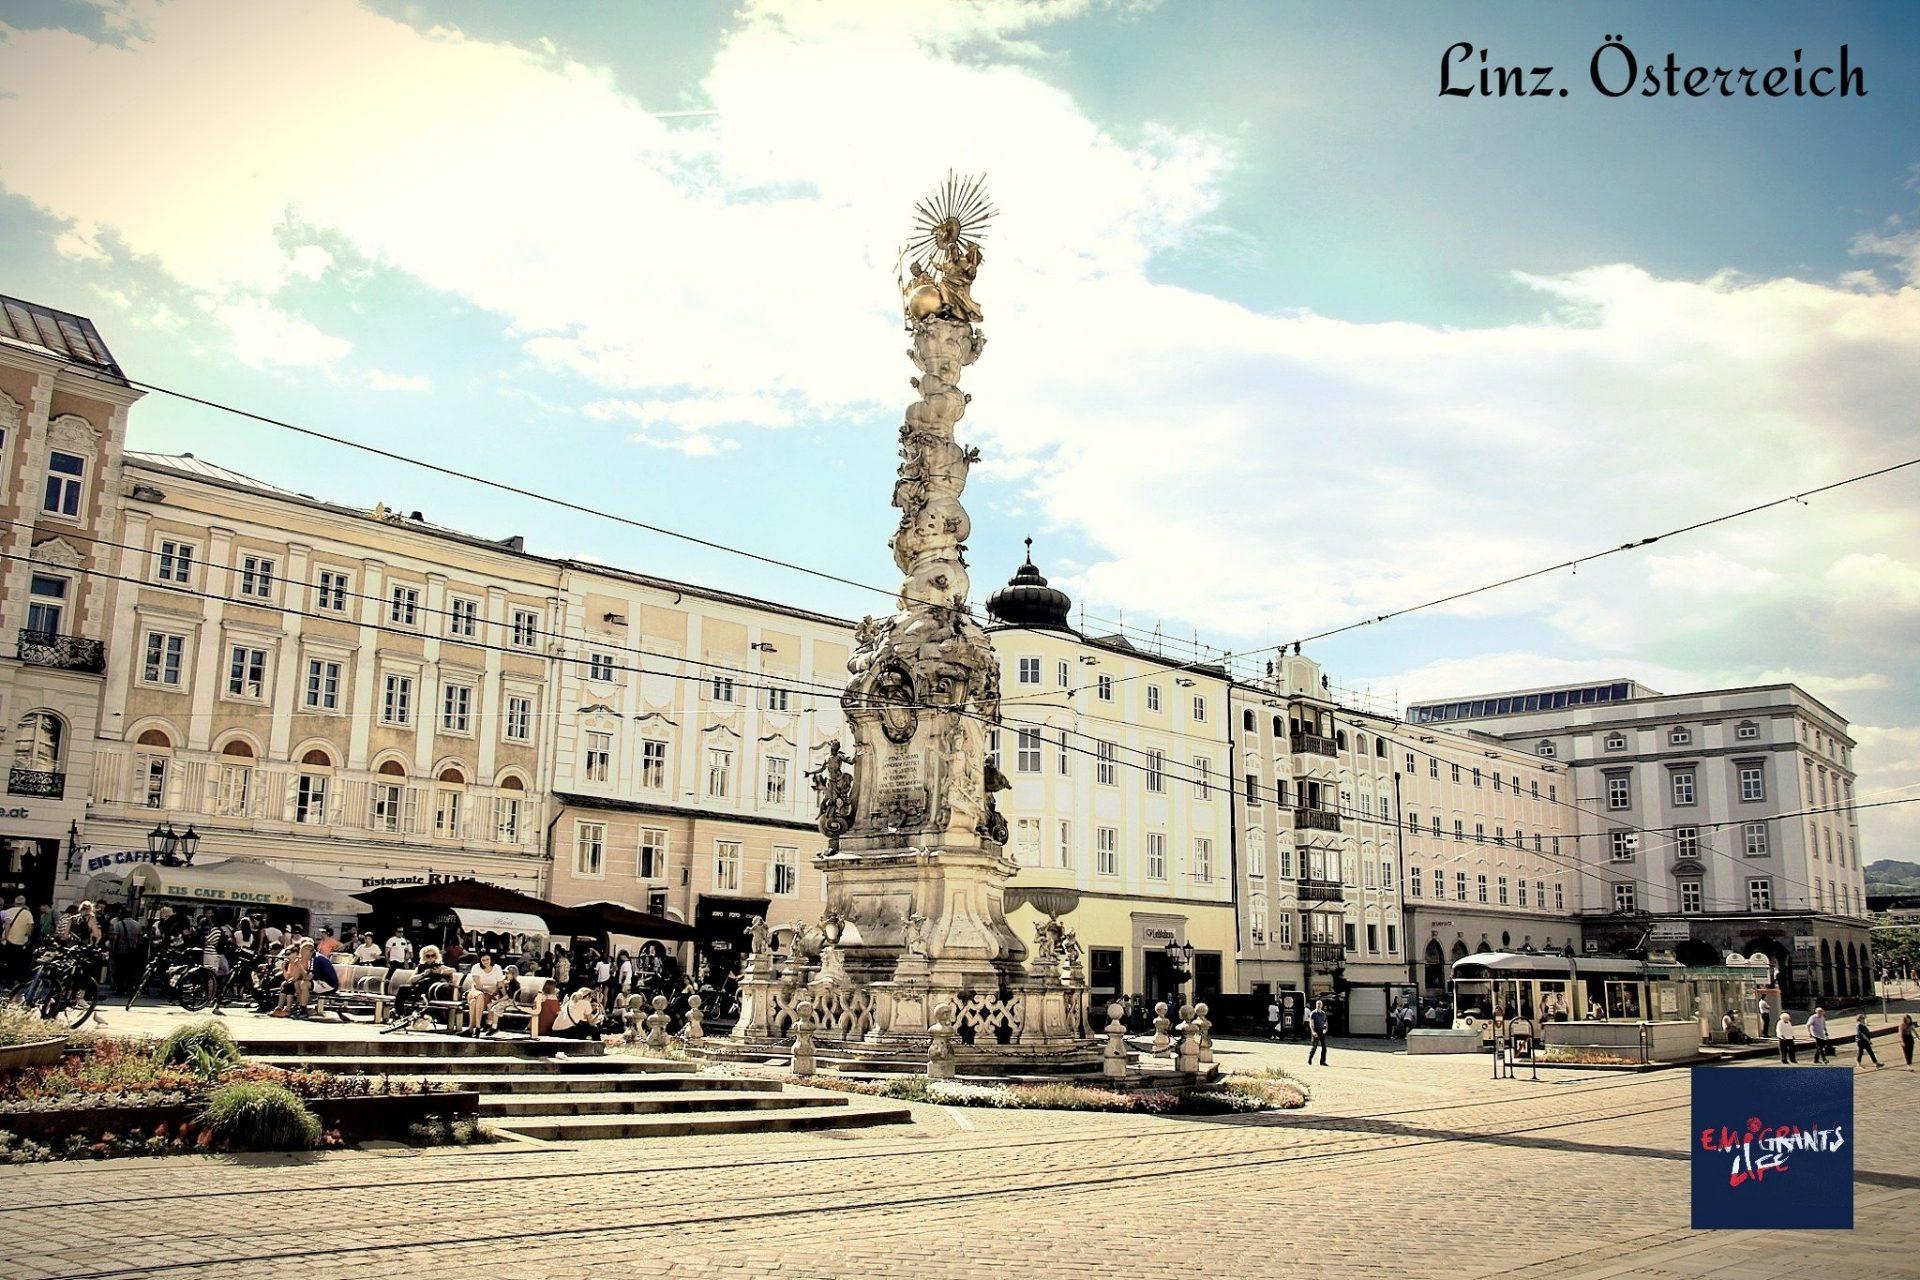 """Вид на Линц. Лайфхаки об Австрии. Проект """"Жизнь эмигранта"""" - это авторские материалы о моей эмиграции в Австрию."""